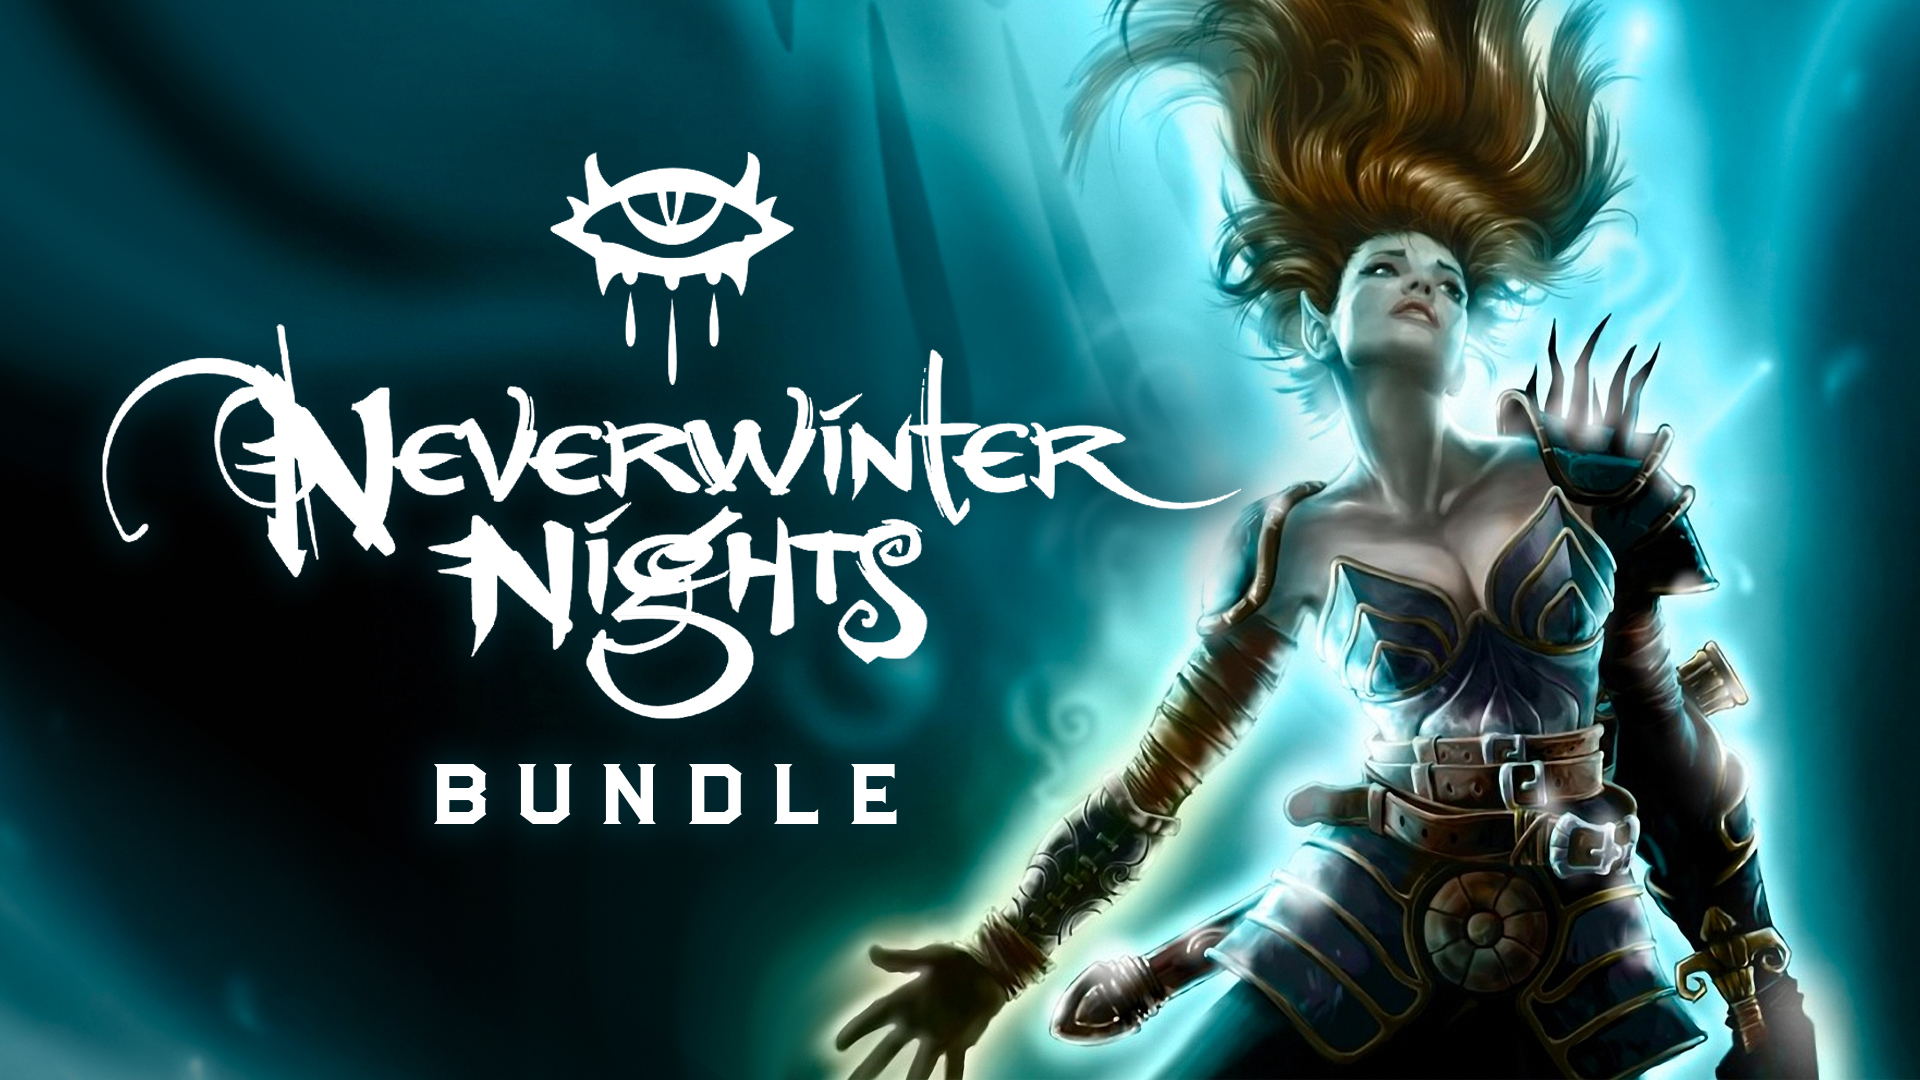 bon plan neverwinter nights bundle sur fanatical soldes dete sur gog | RPG Jeuxvidéo